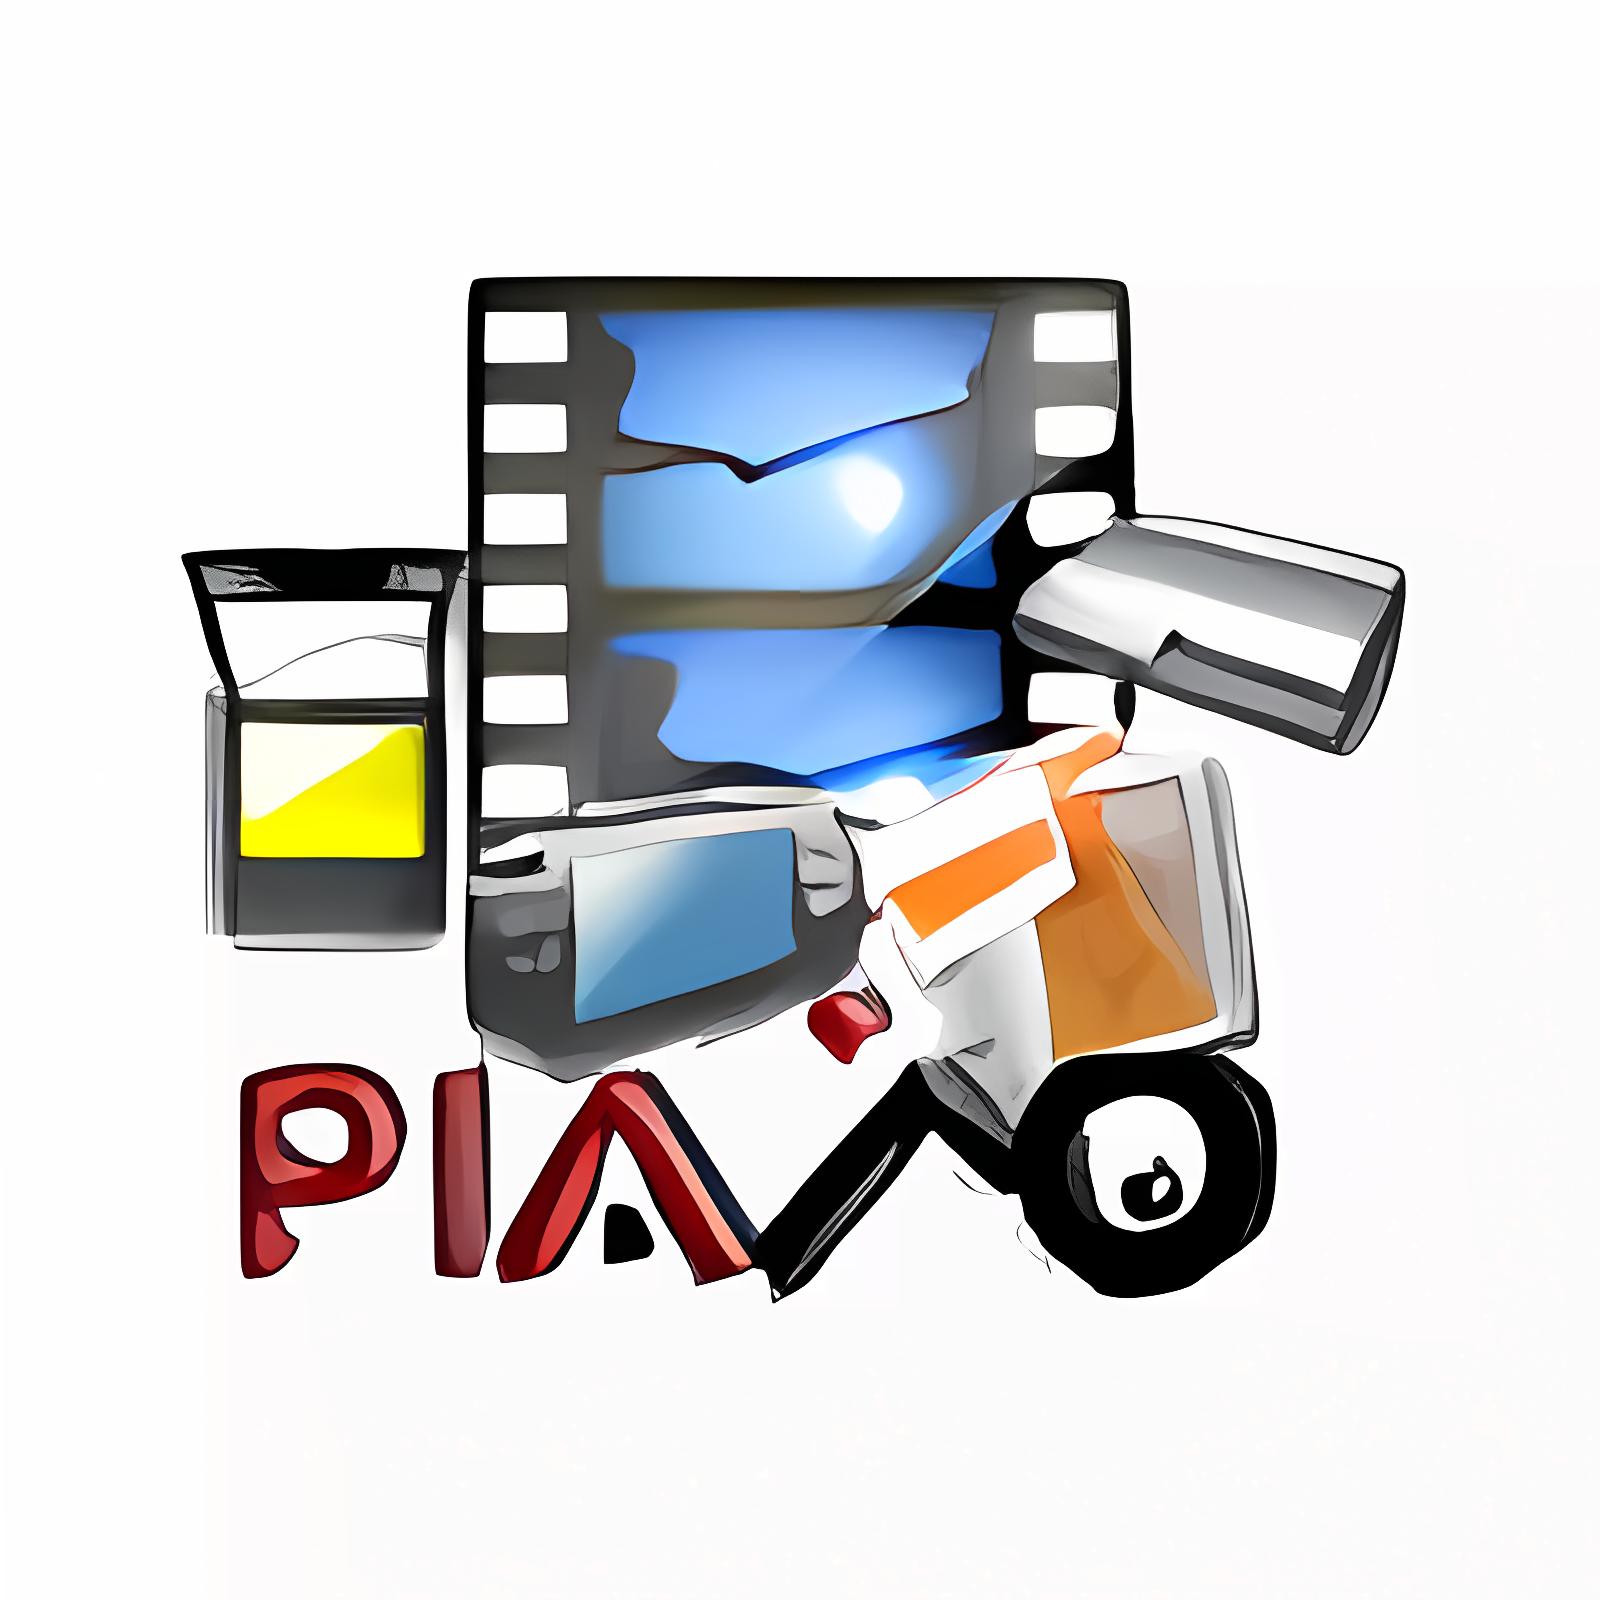 Plato Video Converter